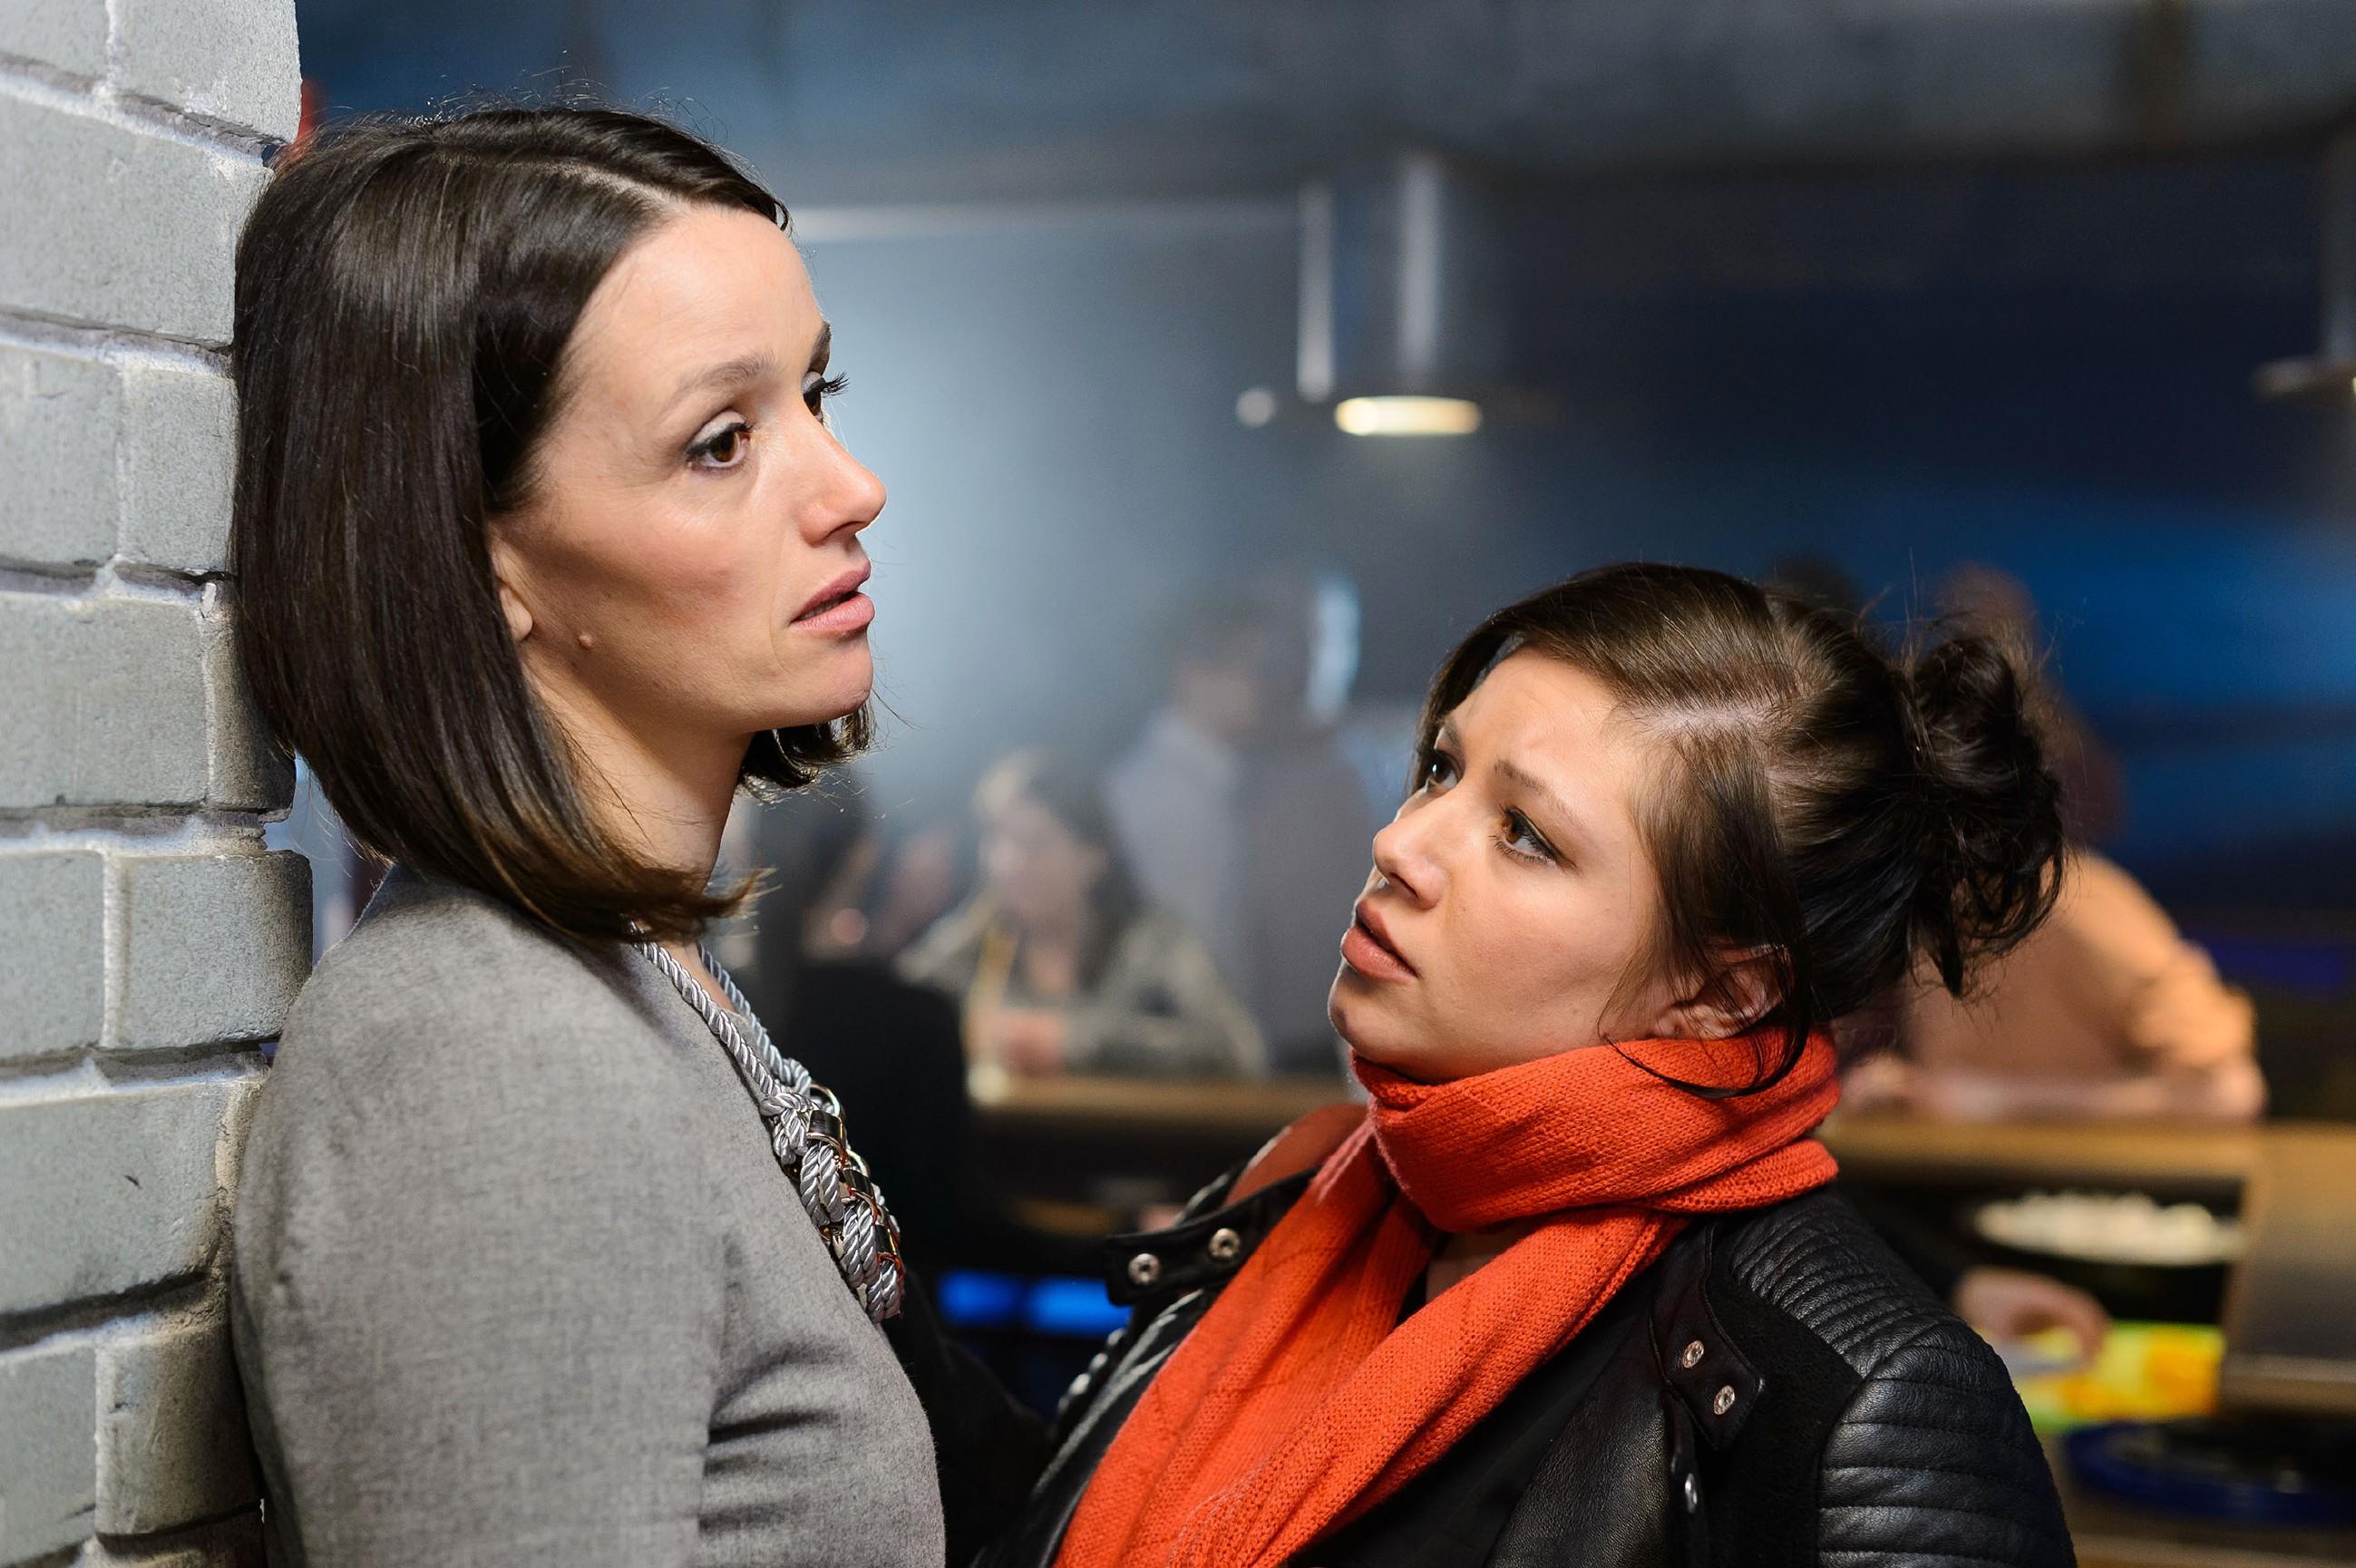 Nach der harten Ansage von Simone versinkt Jenny (Kaja Schmidt-Tychsen, l.) verletzt in Selbstmitleid und wird von Vanessa (Julia Augustin) aufgefangen. (Quelle: RTL / Willi Weber)